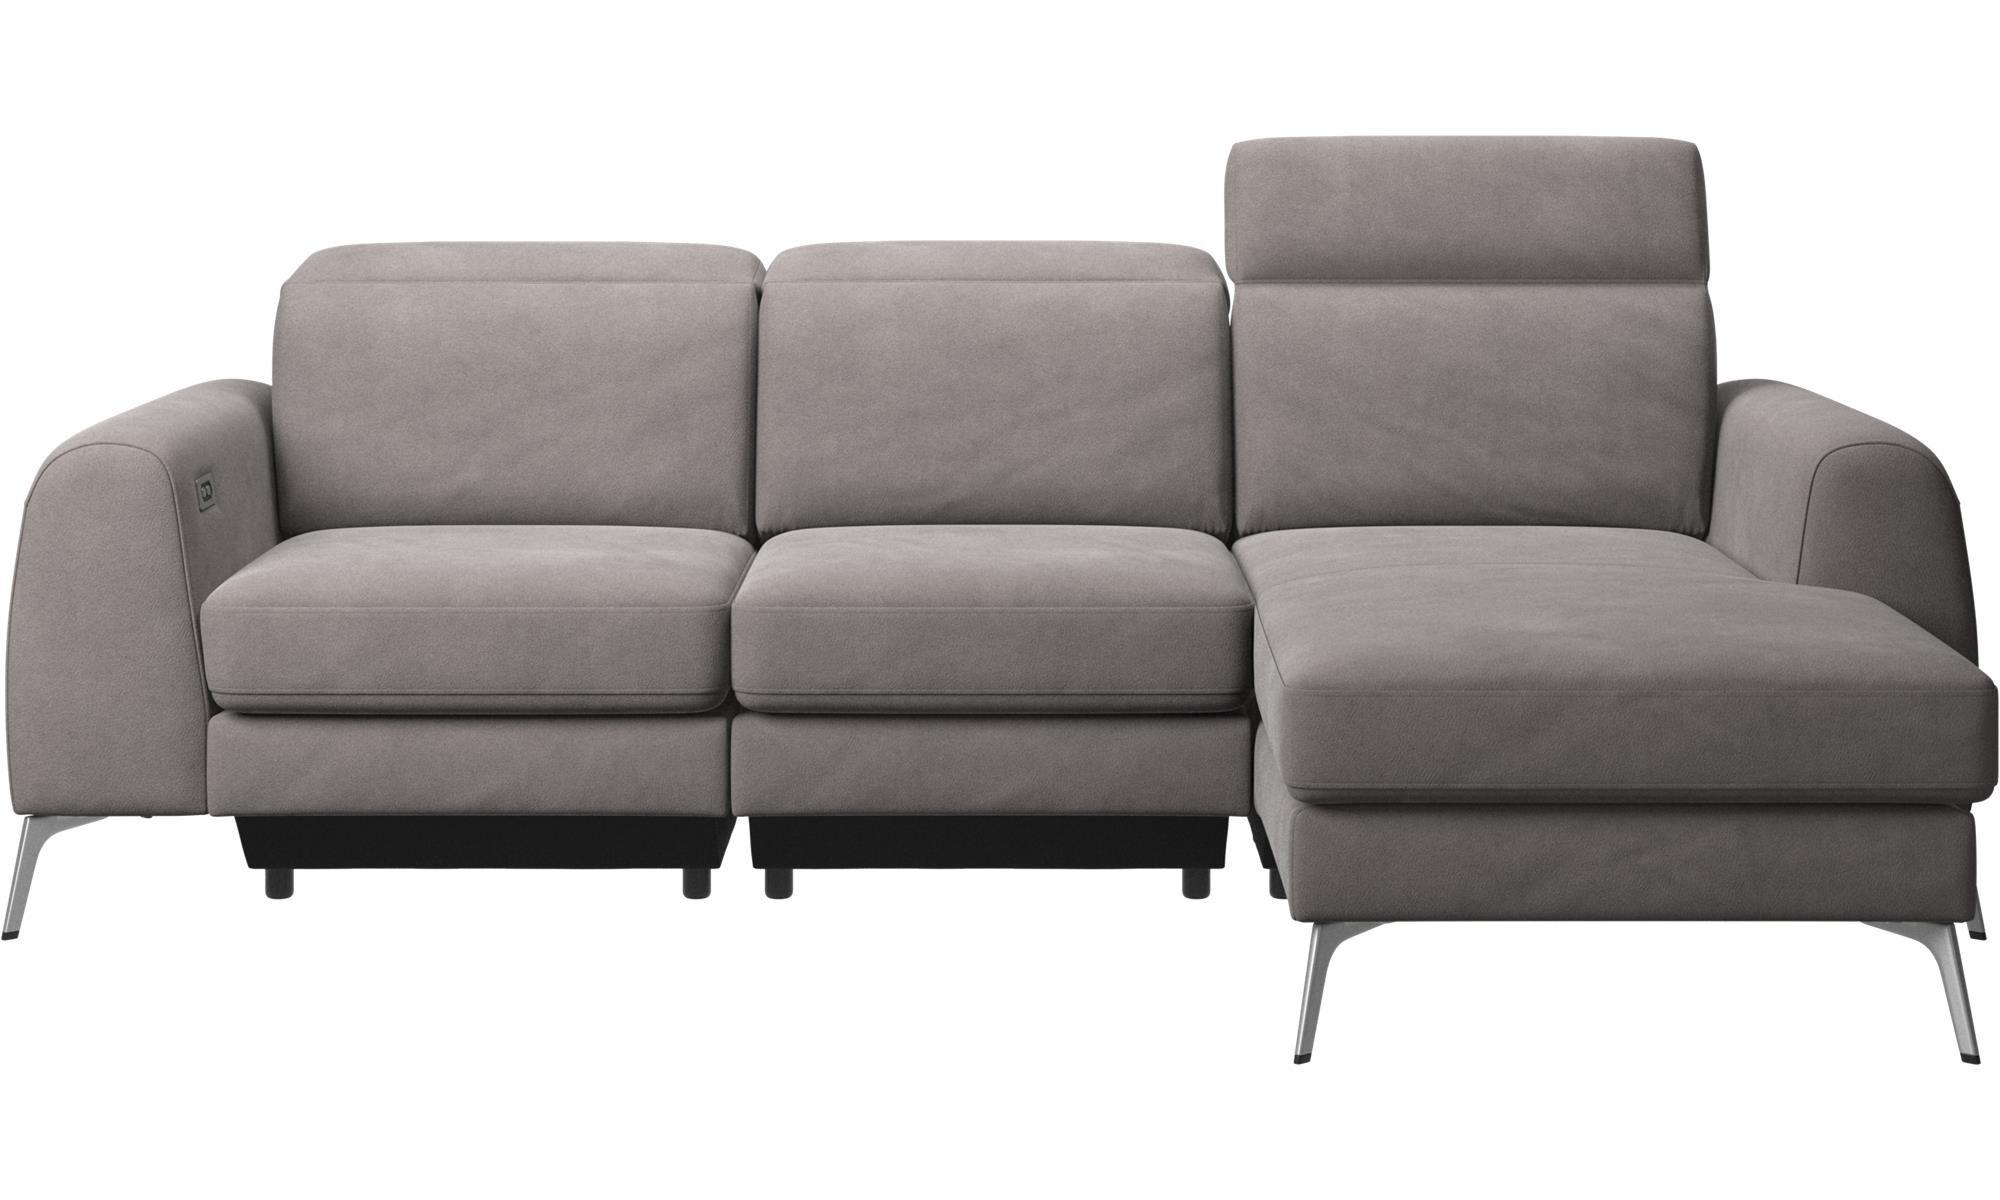 3 Sitzer Sofas   Madison Sofa Mit Ruhemodul Und Verstellbarer Kopfstütze    Grau   Stoff